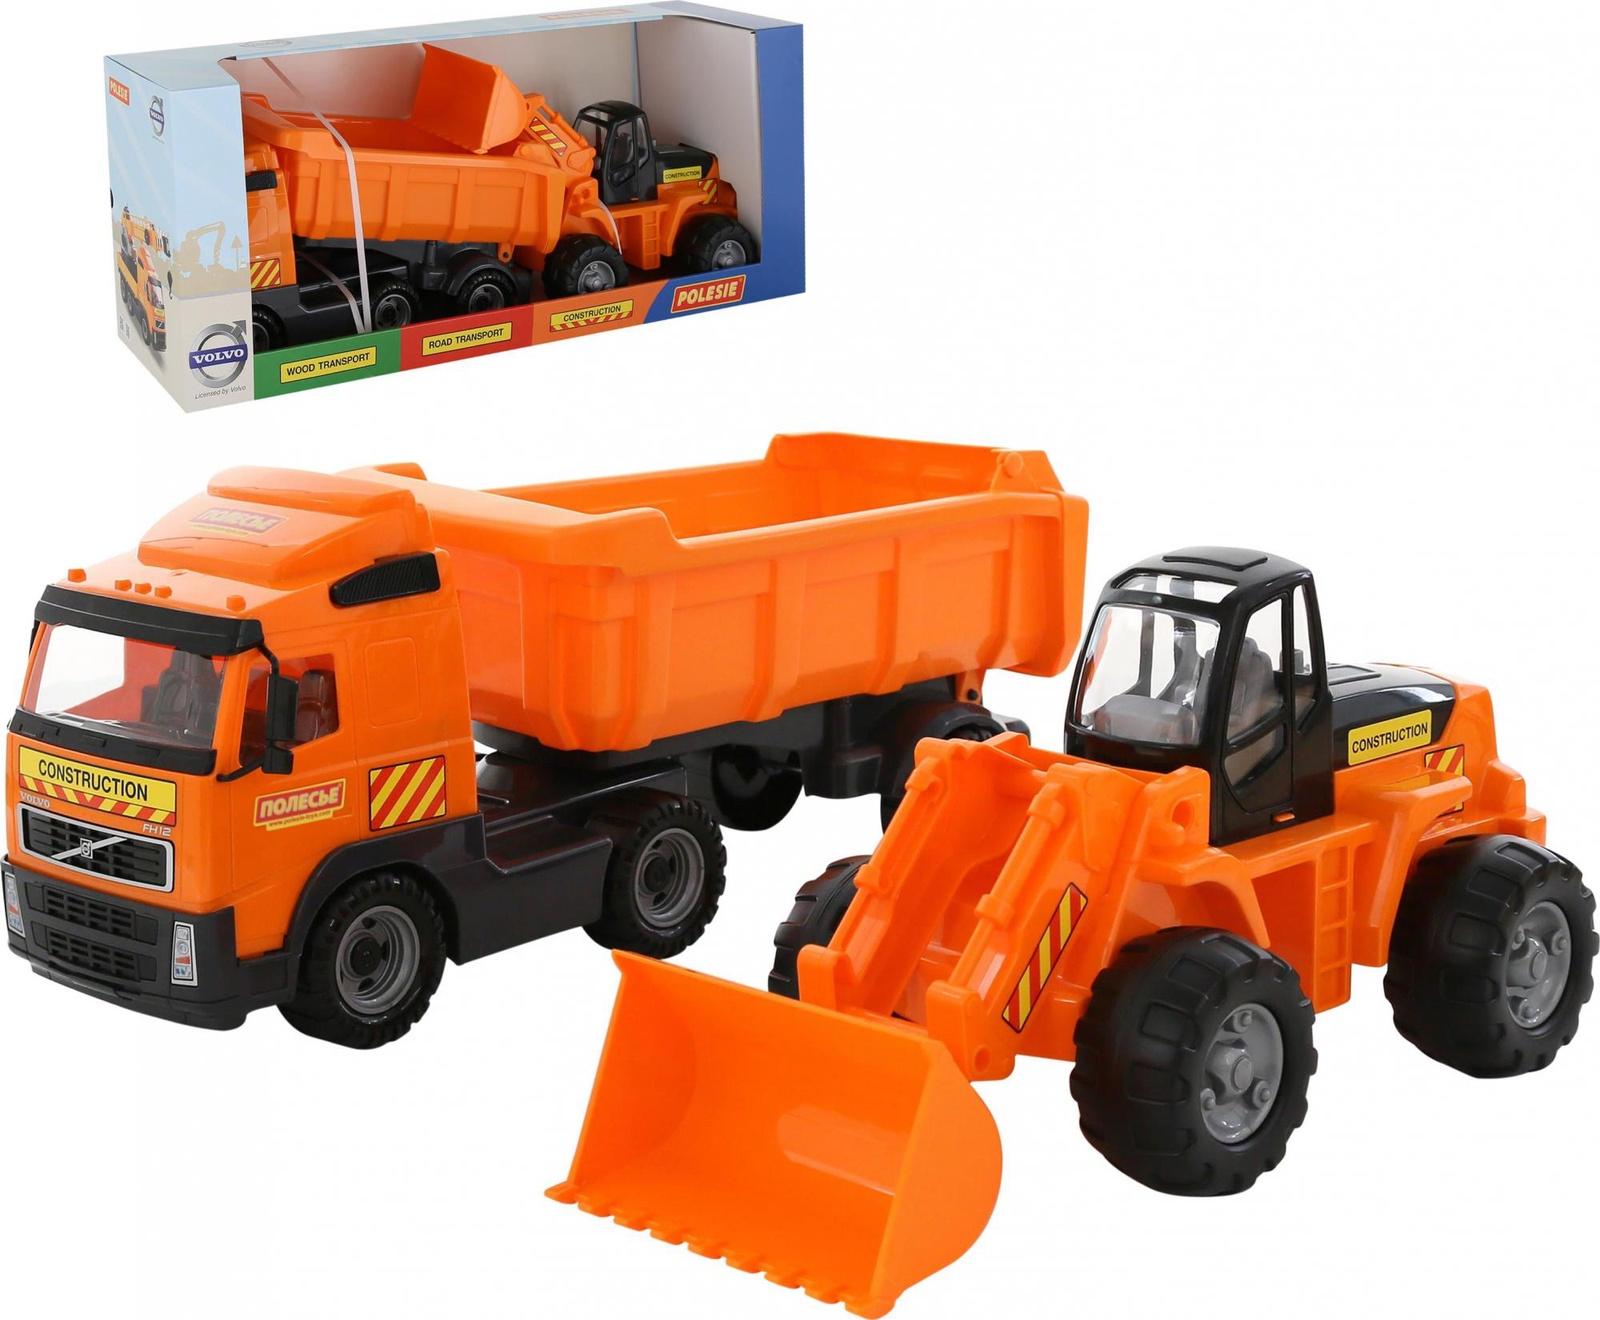 Автомобиль-самосвал с полуприцепом Polesie Volvo 0384_PLS + трактор-погрузчик трактор полесье трактор погрузчик умелец оранжевый 159238